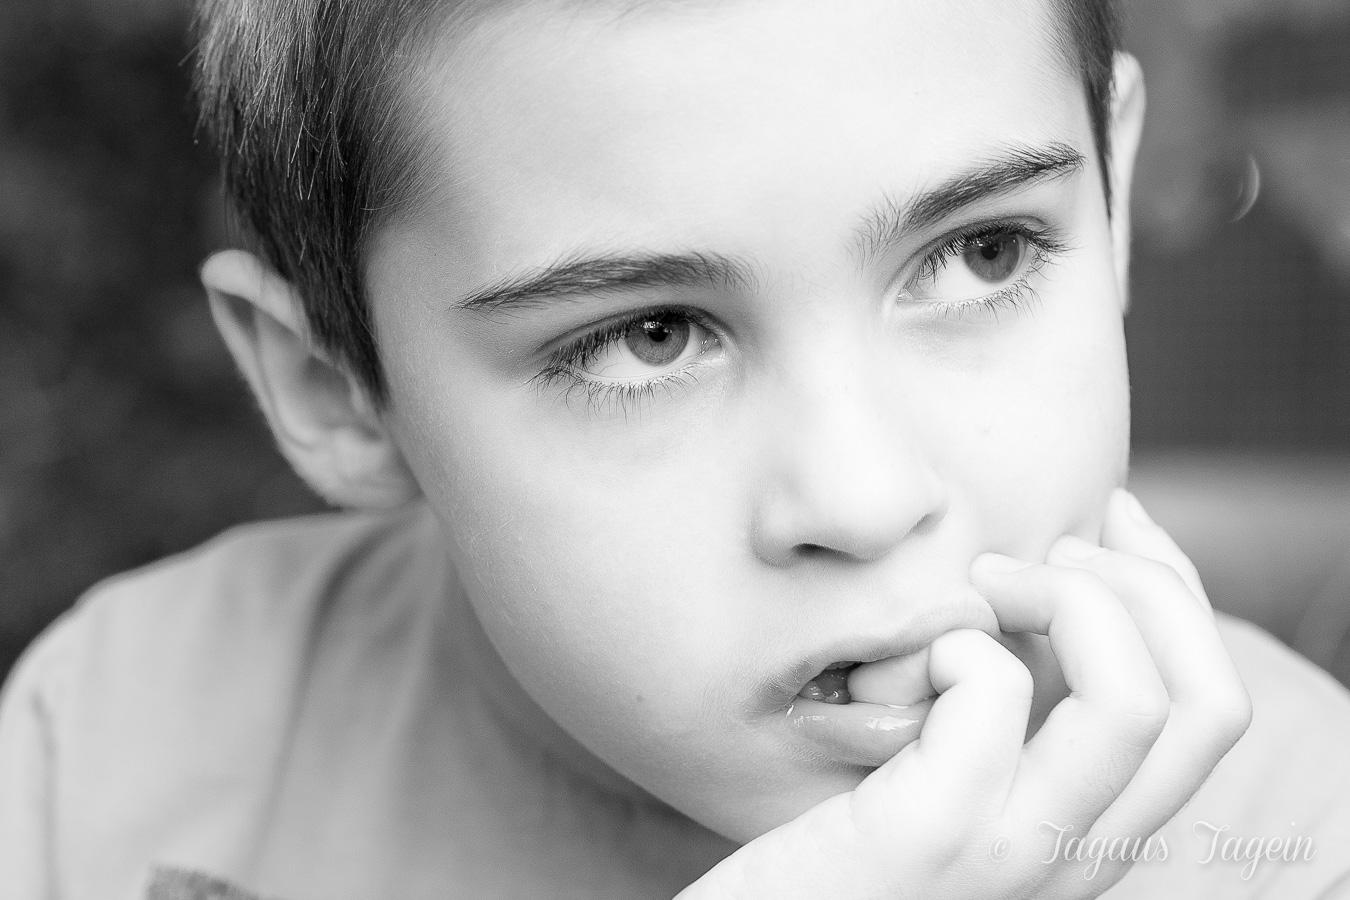 Schule für Autisten – Unser Sohn kommt in die 3. Klasse